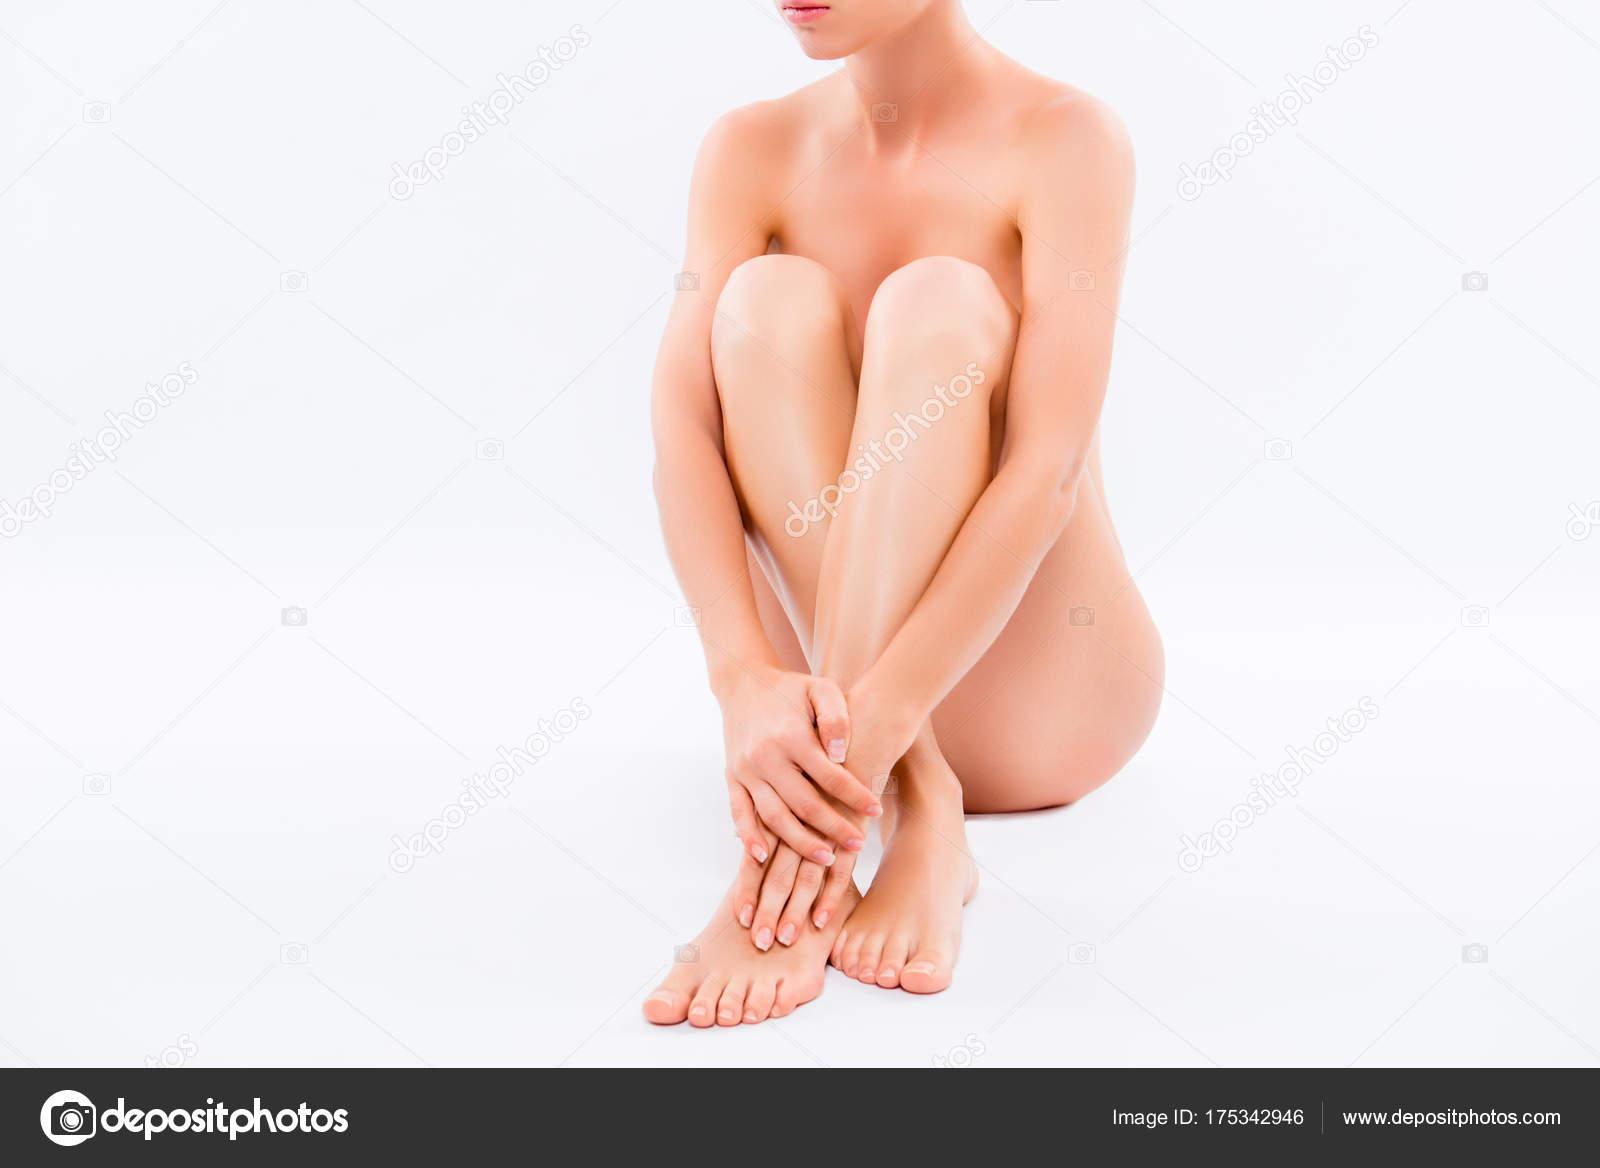 Nakna kvinnor närbild bilder